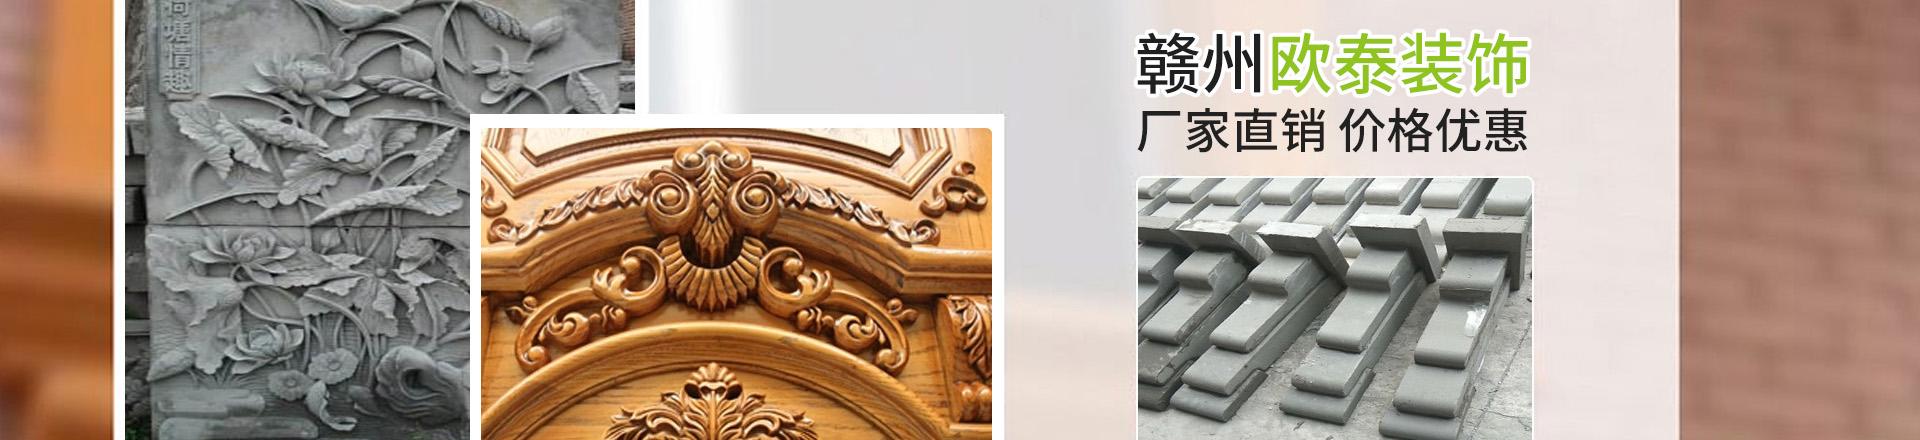 赣州装饰材料